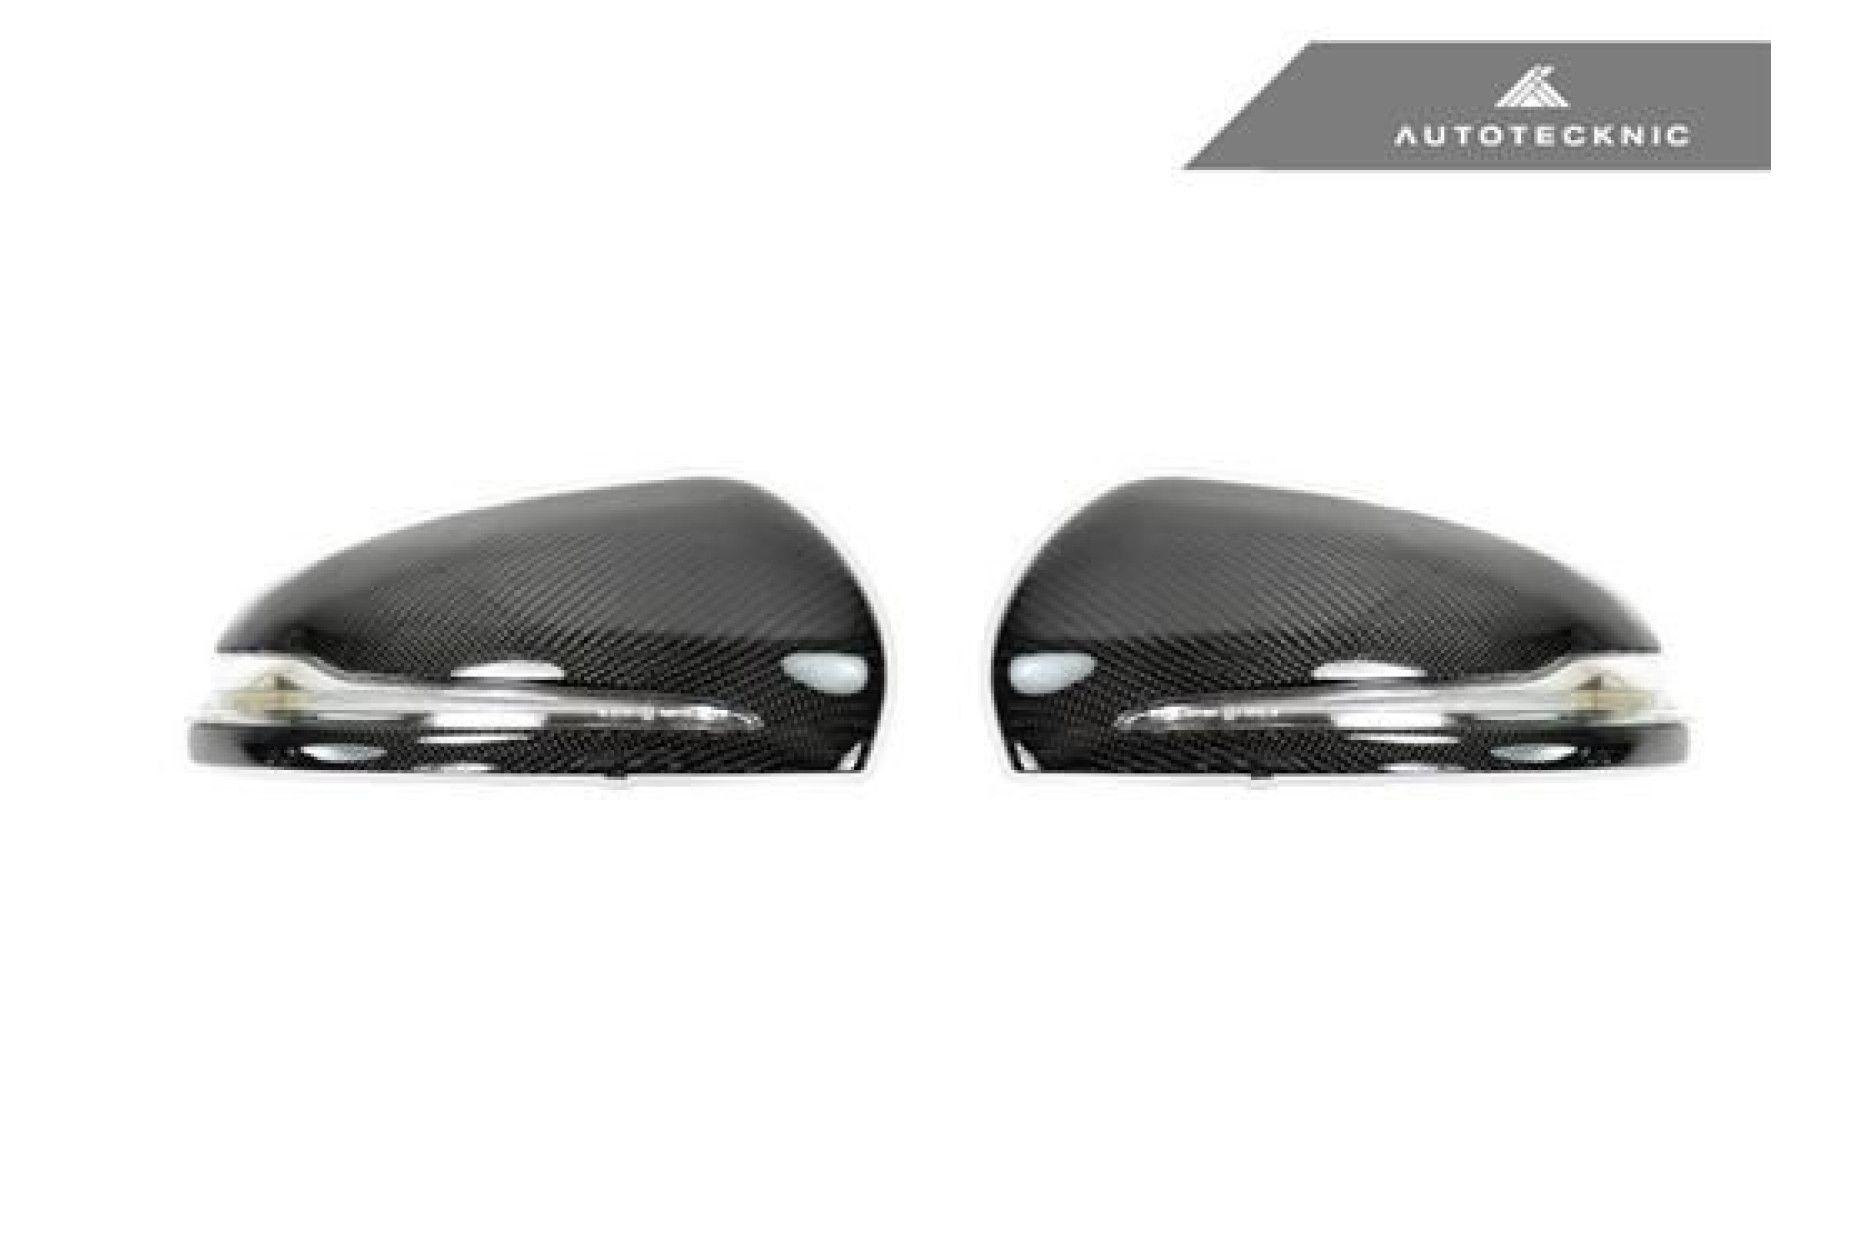 AutoTecknic Carbon Ersatz-Spiegelkappen für Mercedes-Benz W205 /W222